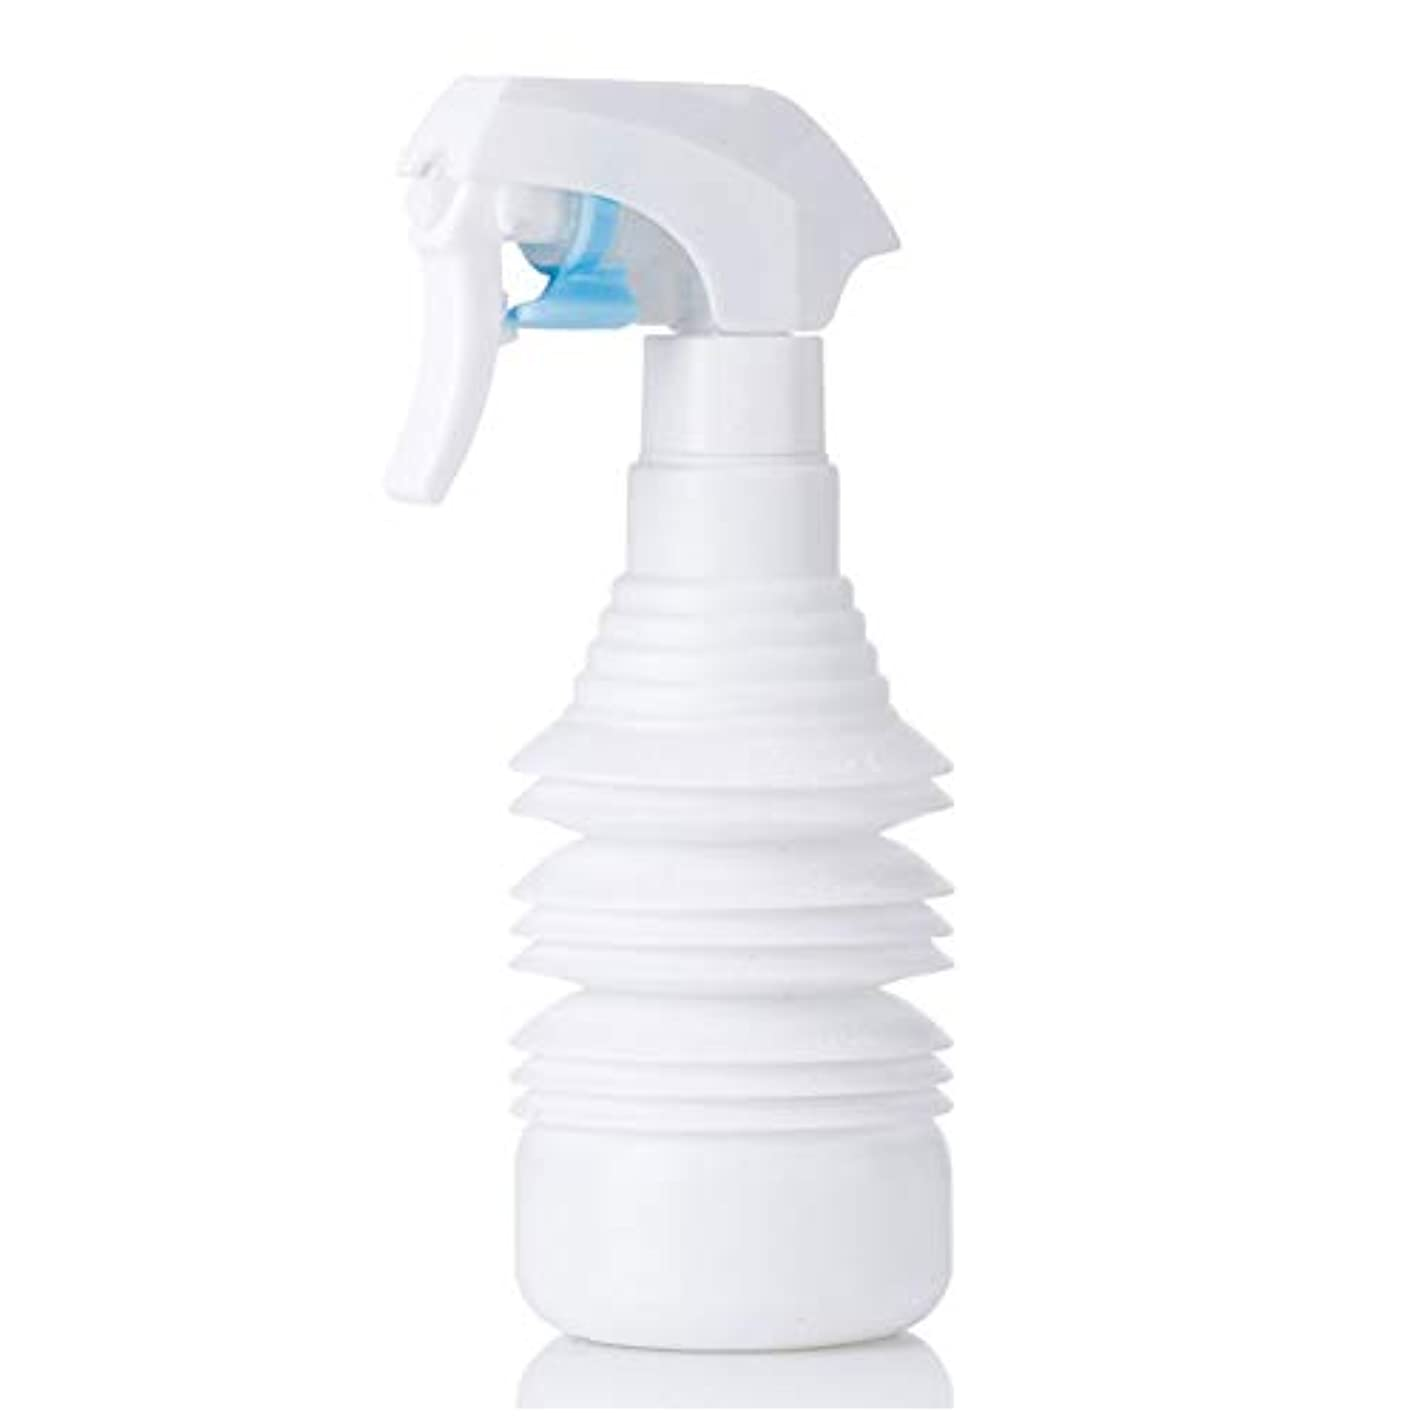 風味マーカー素人ヘアスタイリストヘアスプレー気化器用カーリーヘアスプレーボトルアトマイザー1100ml空スプレー用伸縮式超微細スプレーボトル-ブラック,白